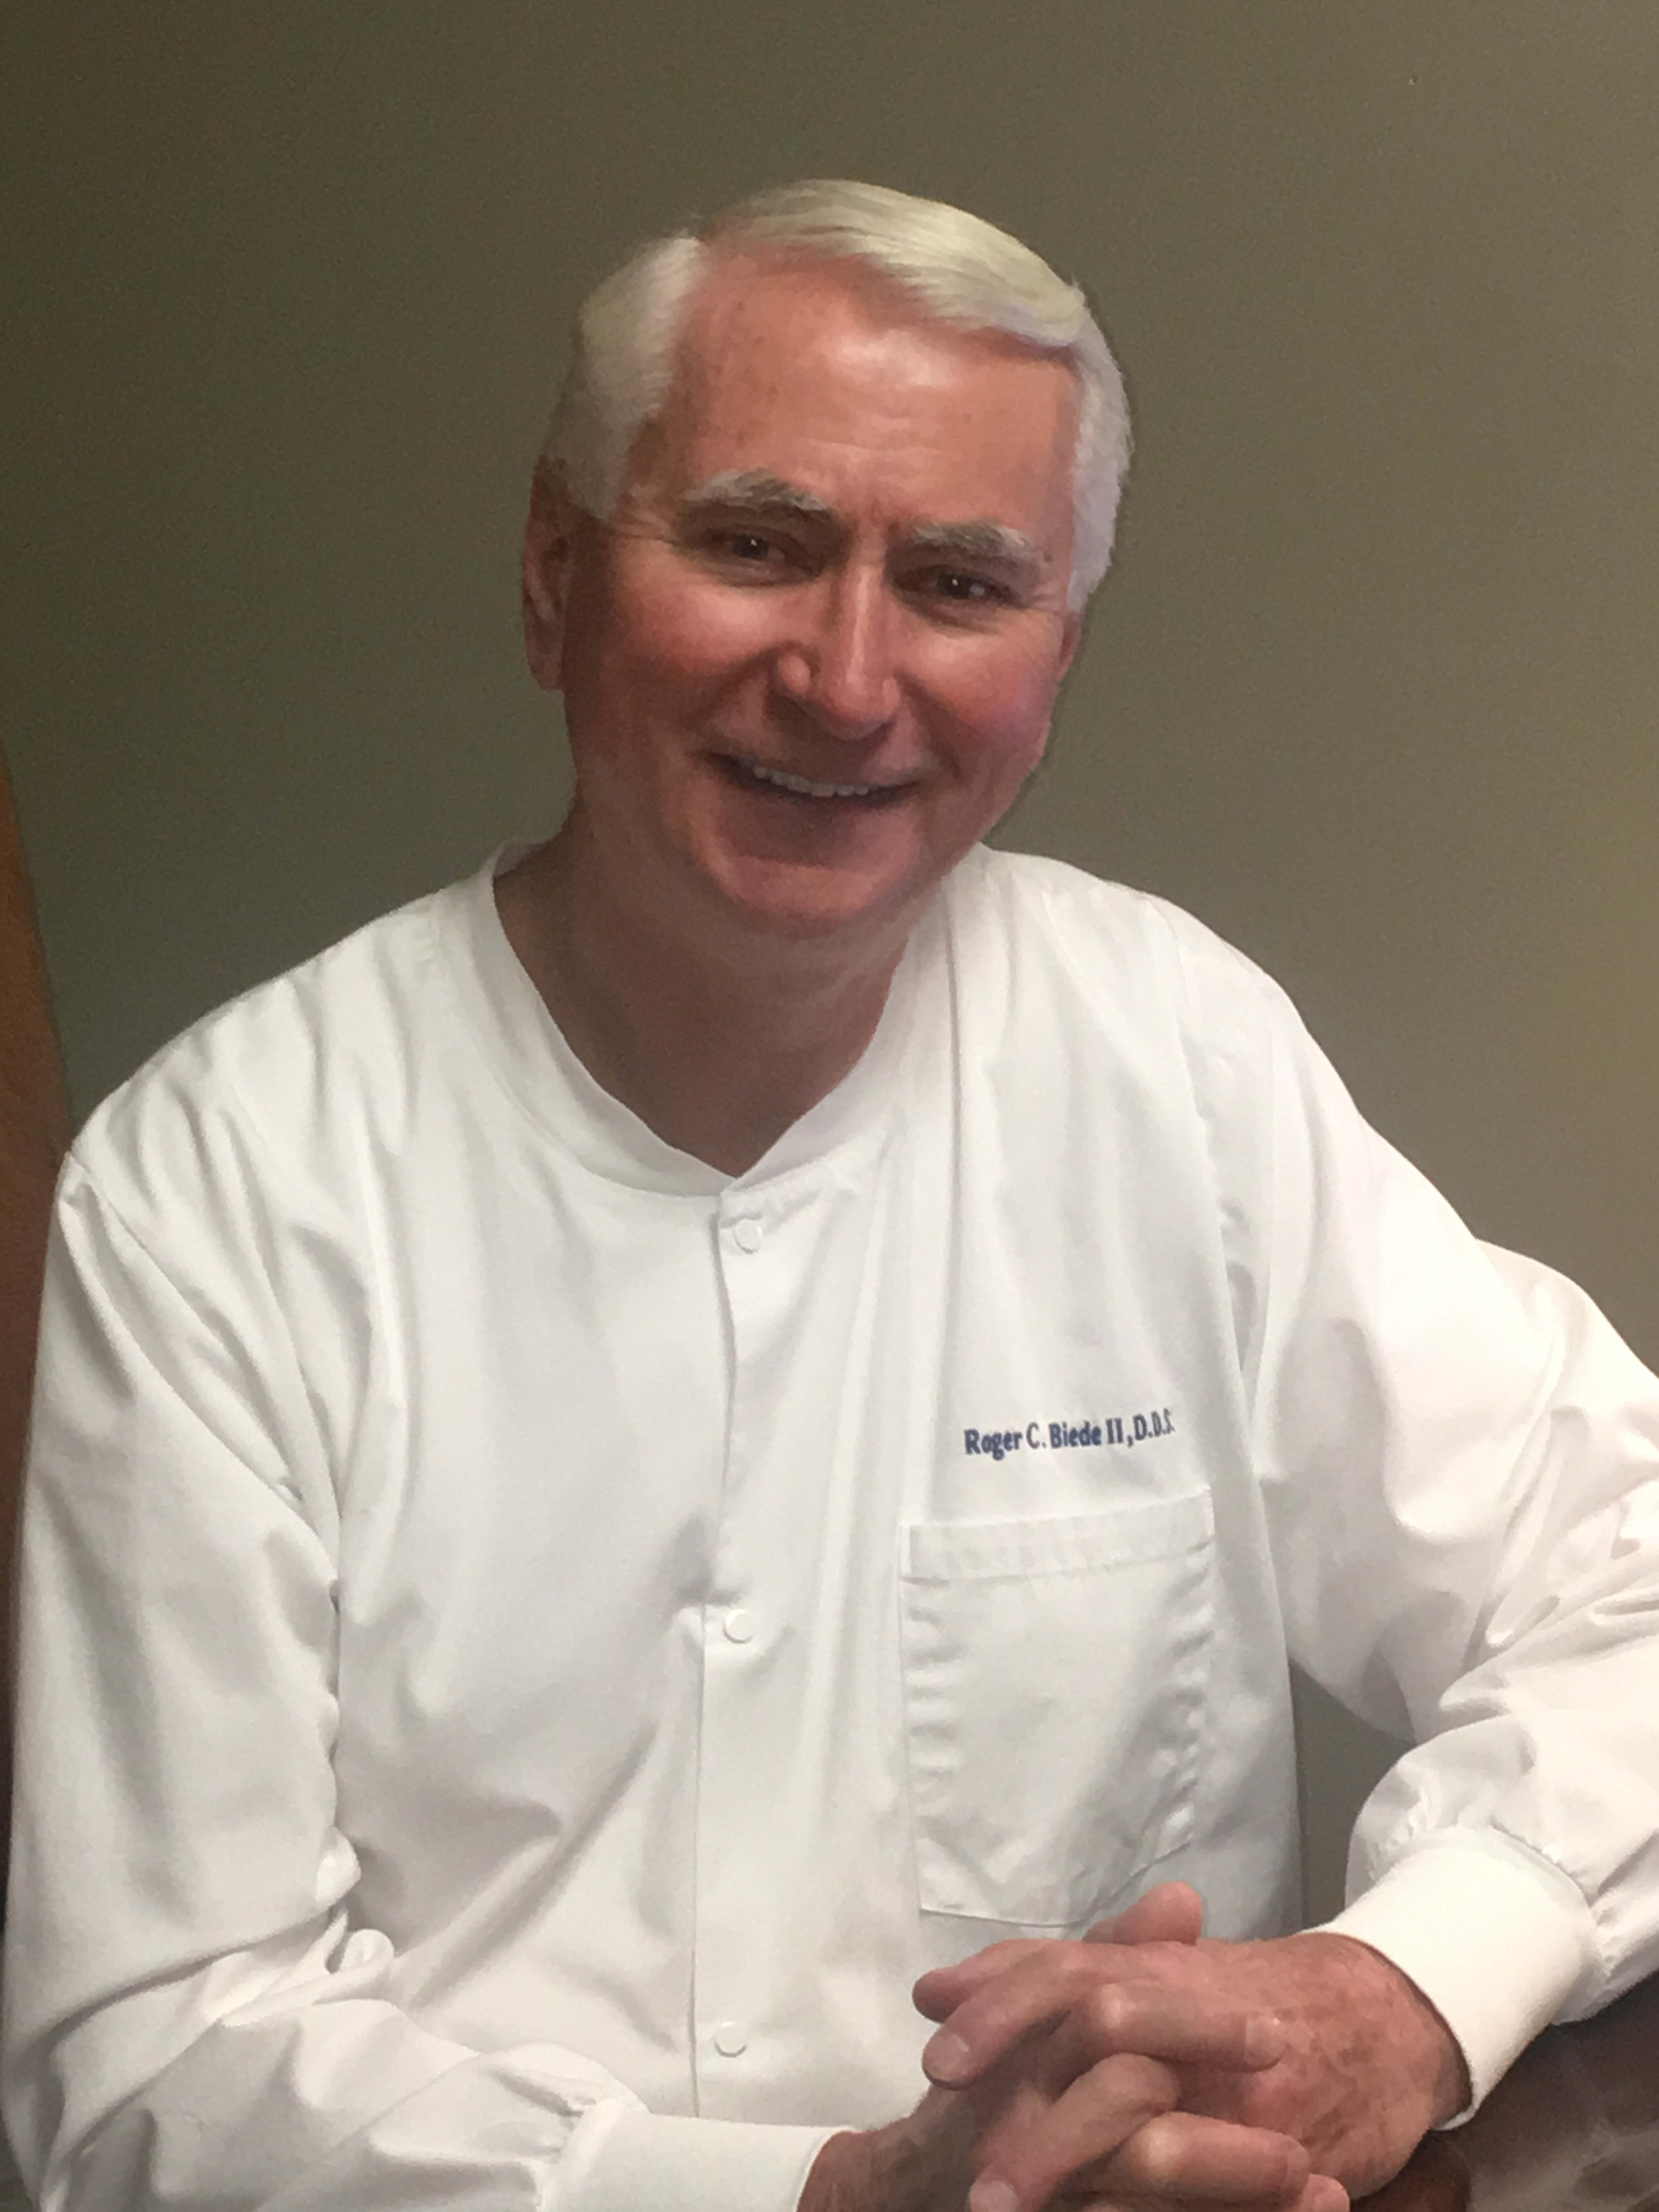 Roger C Biede II, DDS General Dentistry